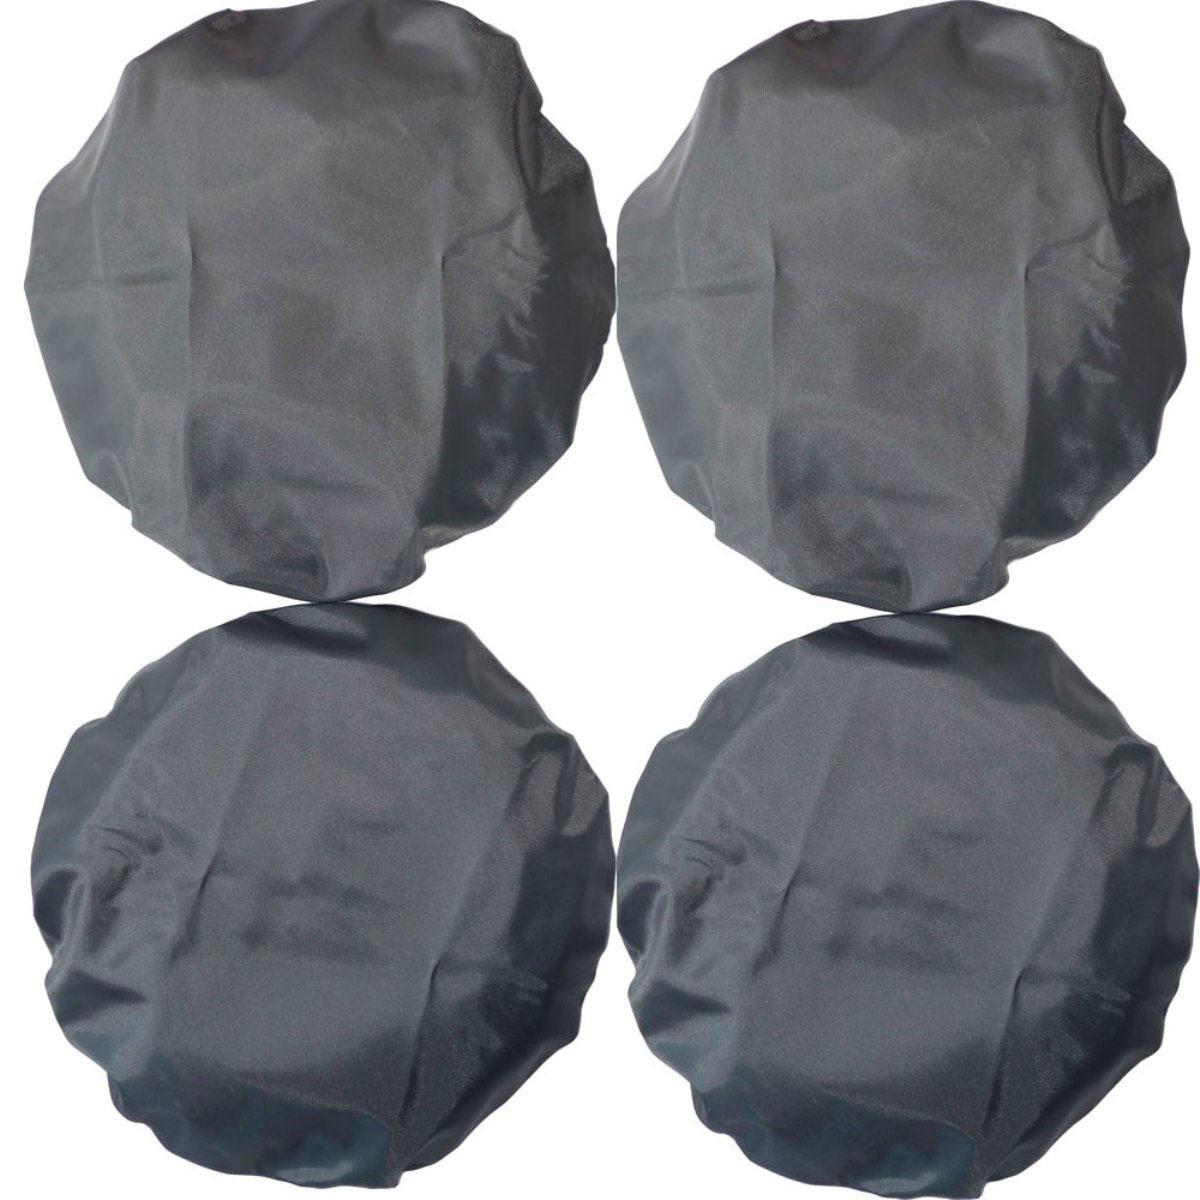 Чудо-Чадо Чехлы на колеса для коляски диаметр 28-38 см цвет мокрый асфальт 4 шт